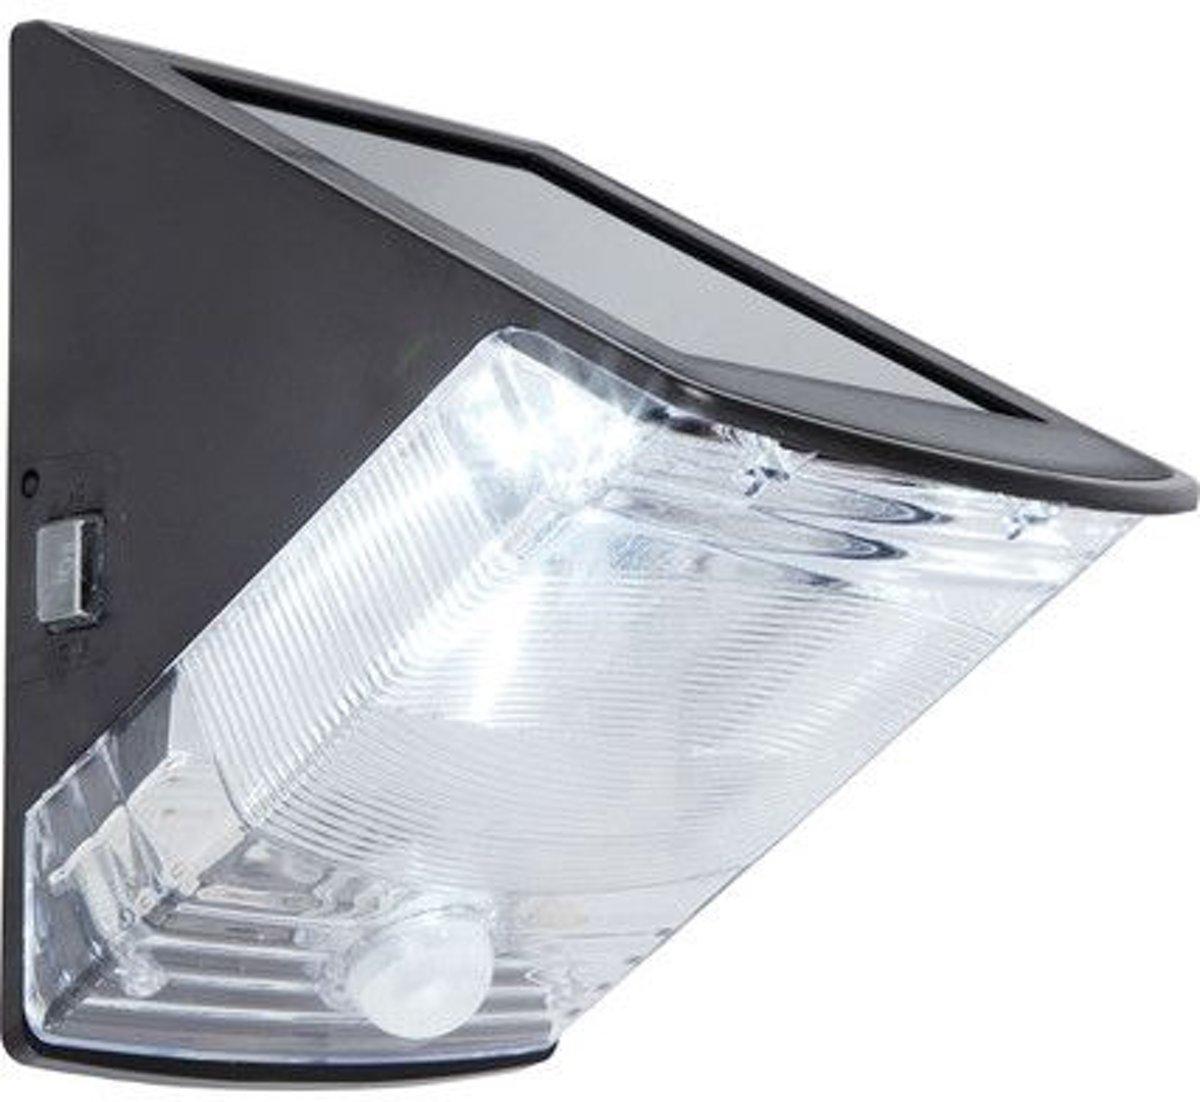 Solar wandlamp Triangle met bewegingsmelder buitenlamp op zonne energie voor €21,41 dmv code